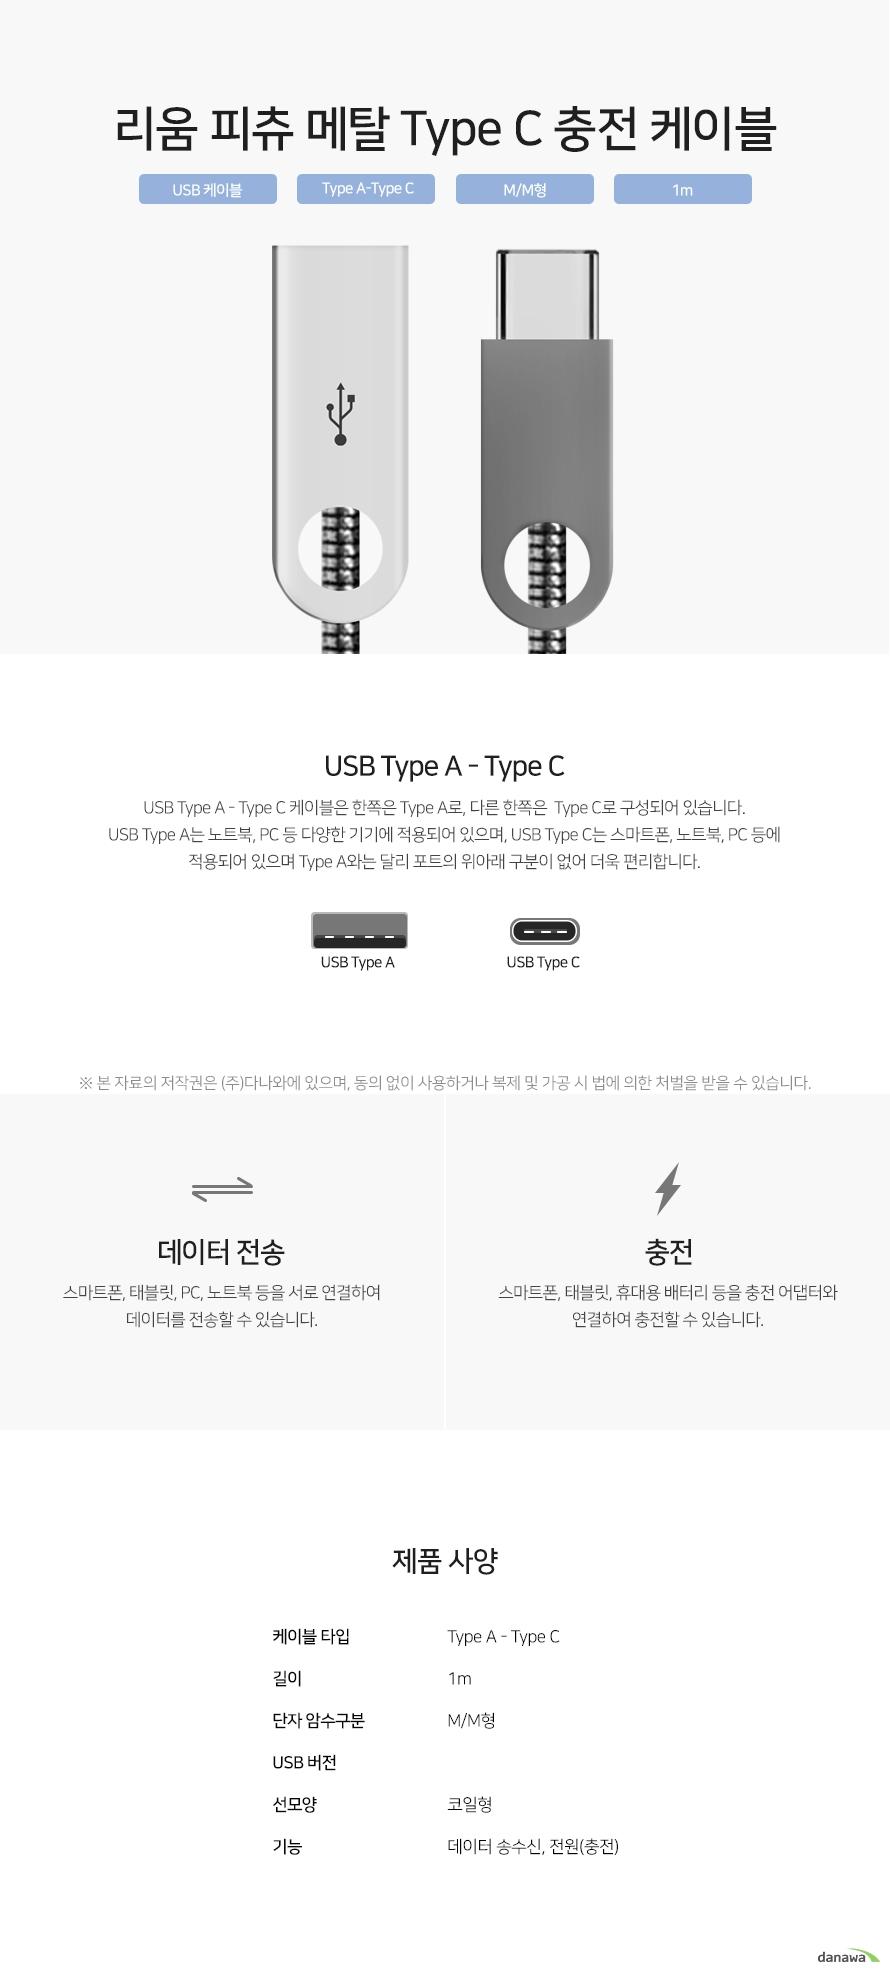 리움 피츄 메탈 Type C 충전 케이블 USB Type A - Type C 케이블은 한쪽은 Type A로, 다른 한쪽은  Type C로 구성되어 있습니다. USB Type A는 노트북, PC 등 다양한 기기에 적용되어 있으며, USB Type C는 스마트폰, 노트북, PC 등에 적용되어 있으며 Type A와는 달리 포트의 위아래 구분이 없어 더욱 편리합니다. 스마트폰, 태블릿, PC, 노트북 등을 서로 연결하여 데이터를 전송할 수 있습니다. 스마트폰, 태블릿, 휴대용 배터리 등을 충전 어댑터와 연결하여 충전할 수 있습니다.